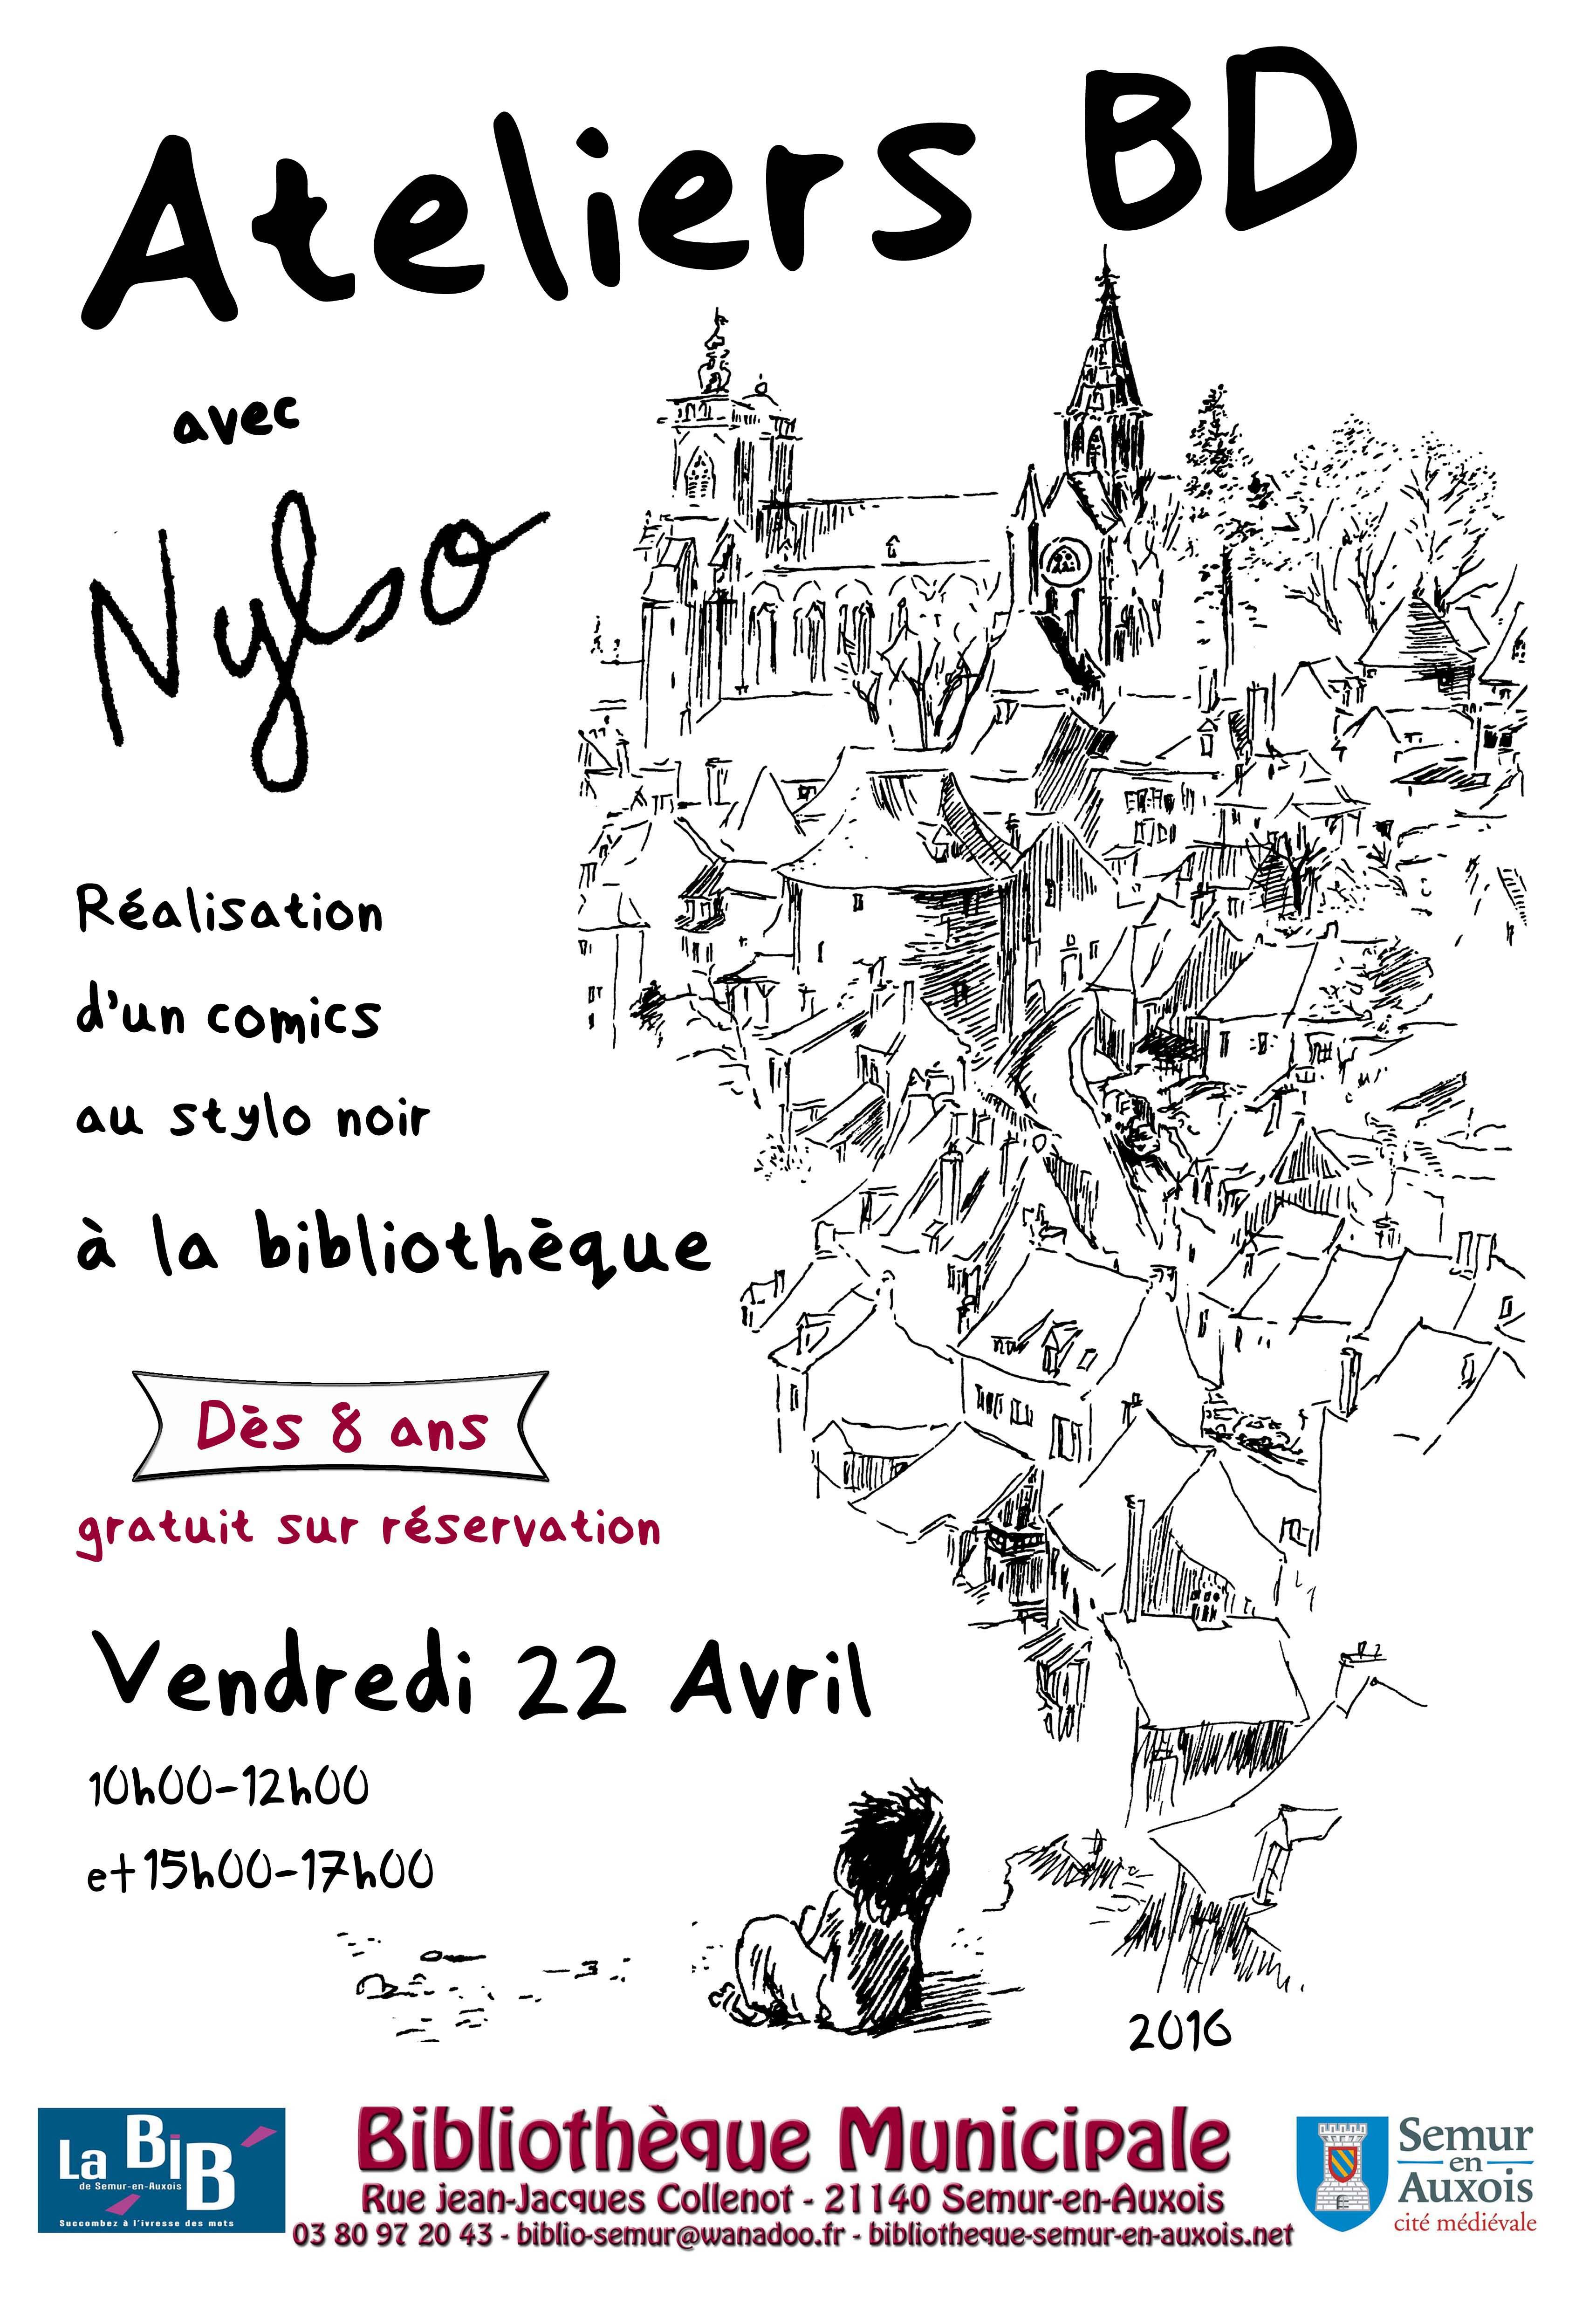 Rencontre Sans Lendemain La Rochelle (70120)